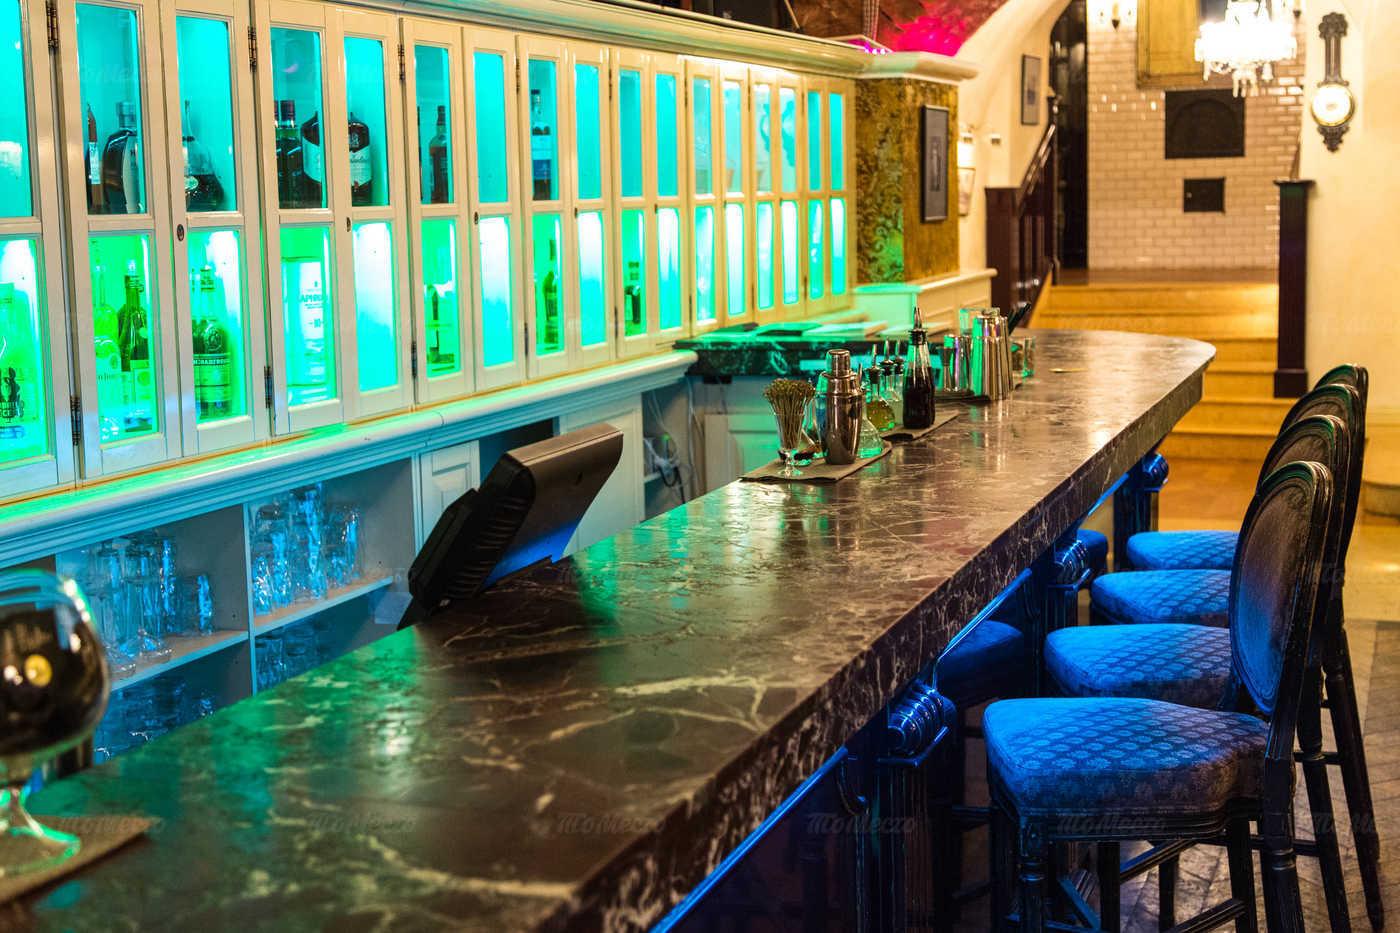 Меню бара, караоке клуба Romanov bar (Романов бар) в Третьяковском проезде